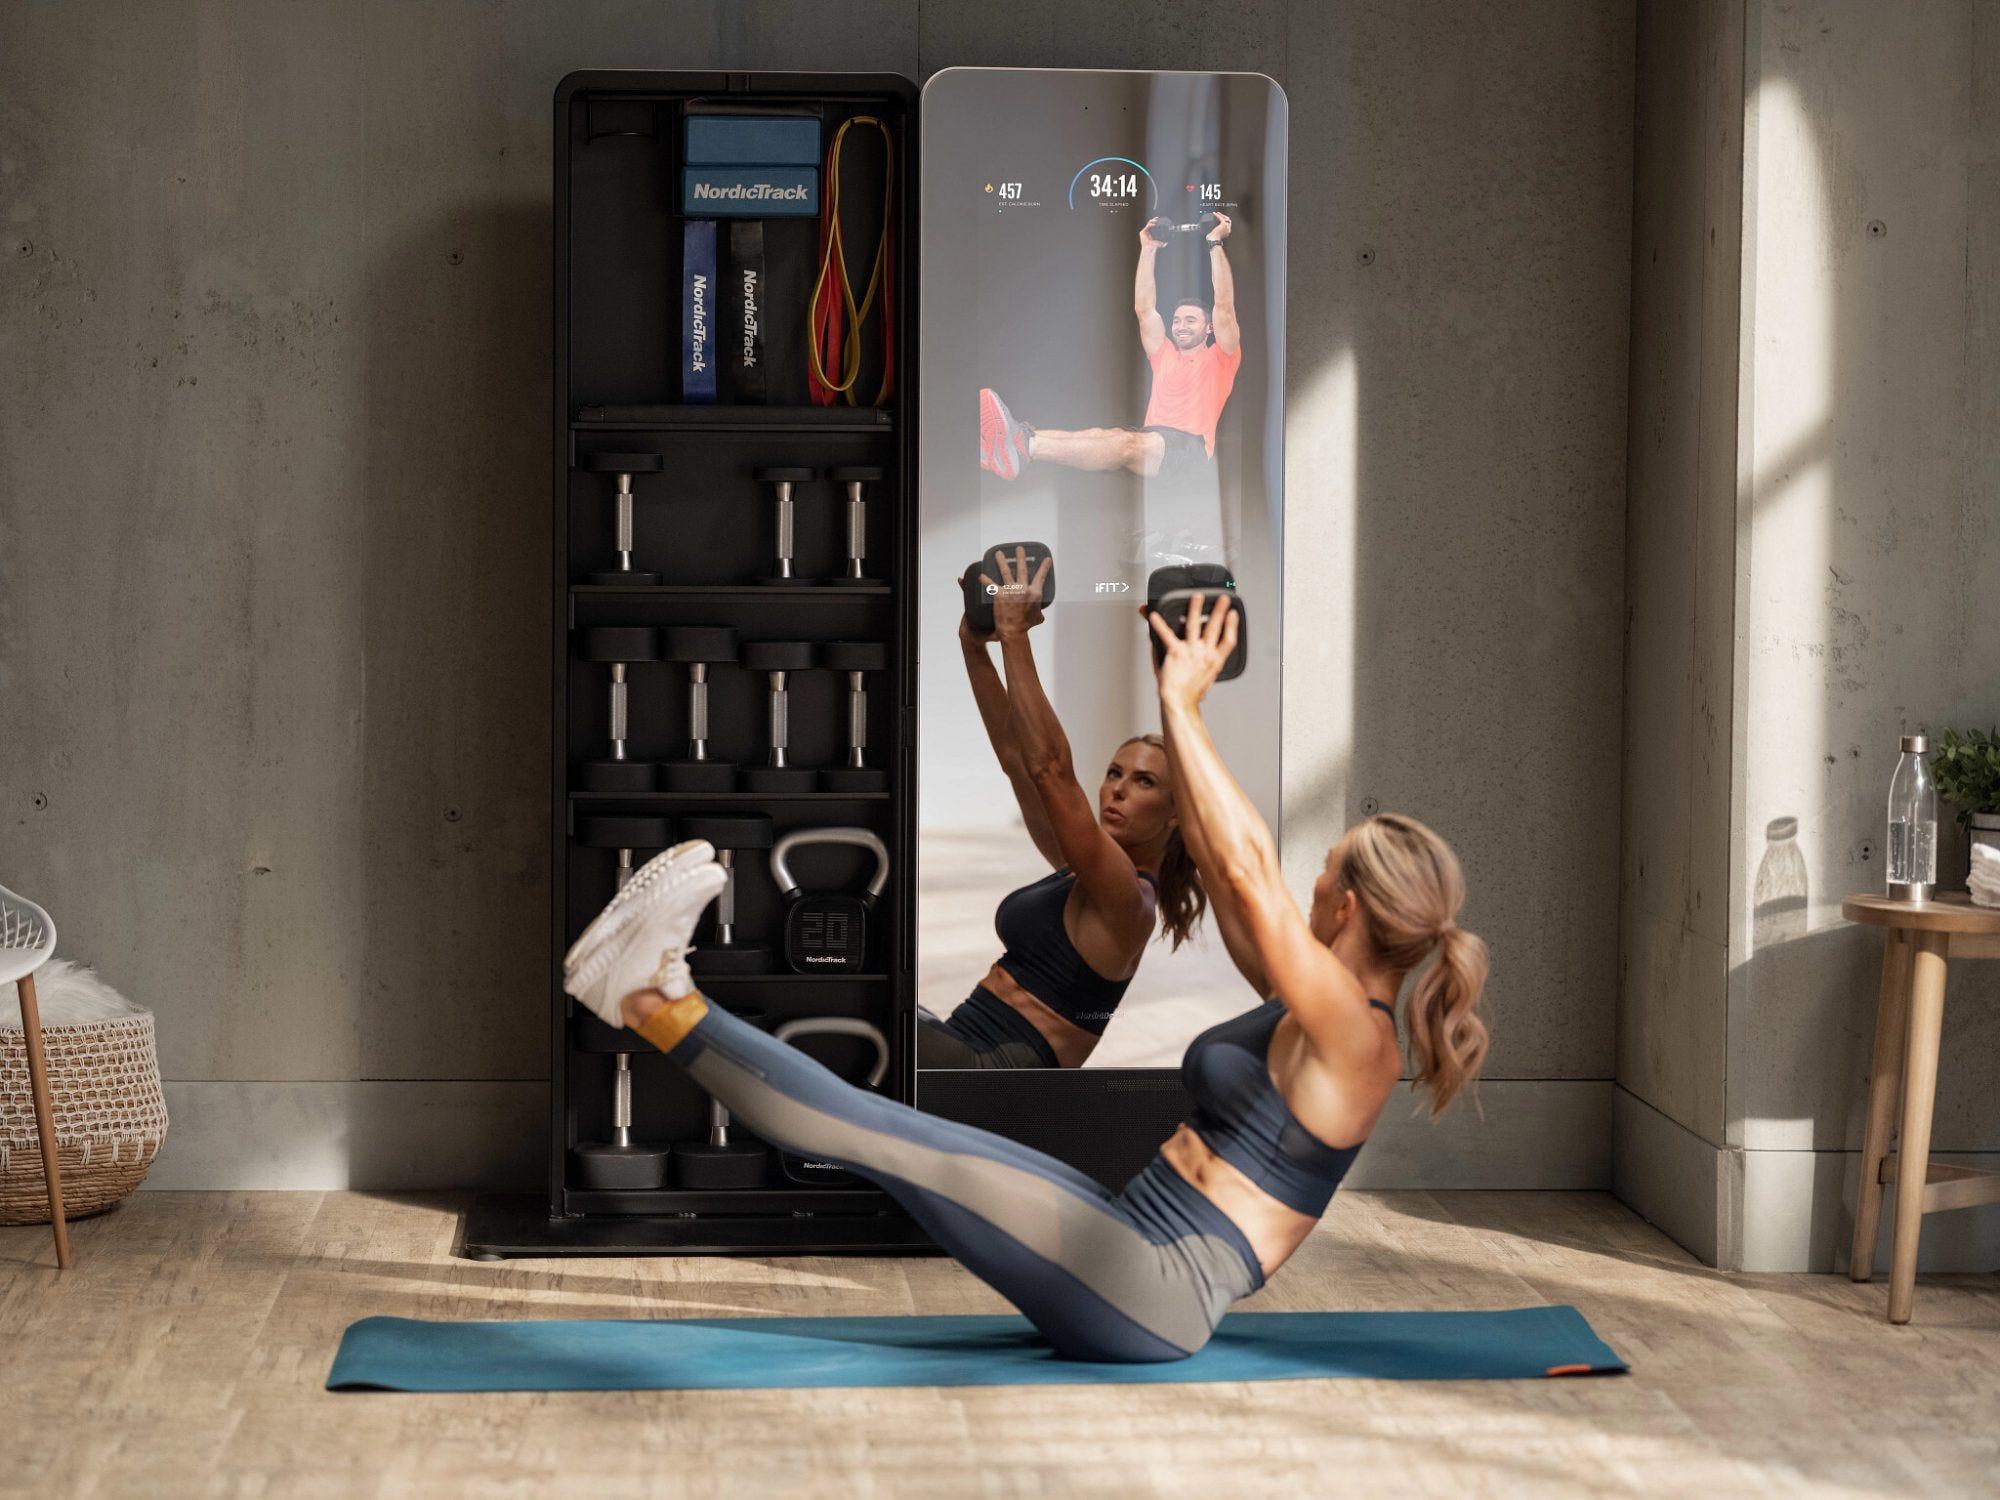 Женщина тренируется дома перед многофункциональной фитнес-системой NordicTrack Vault.